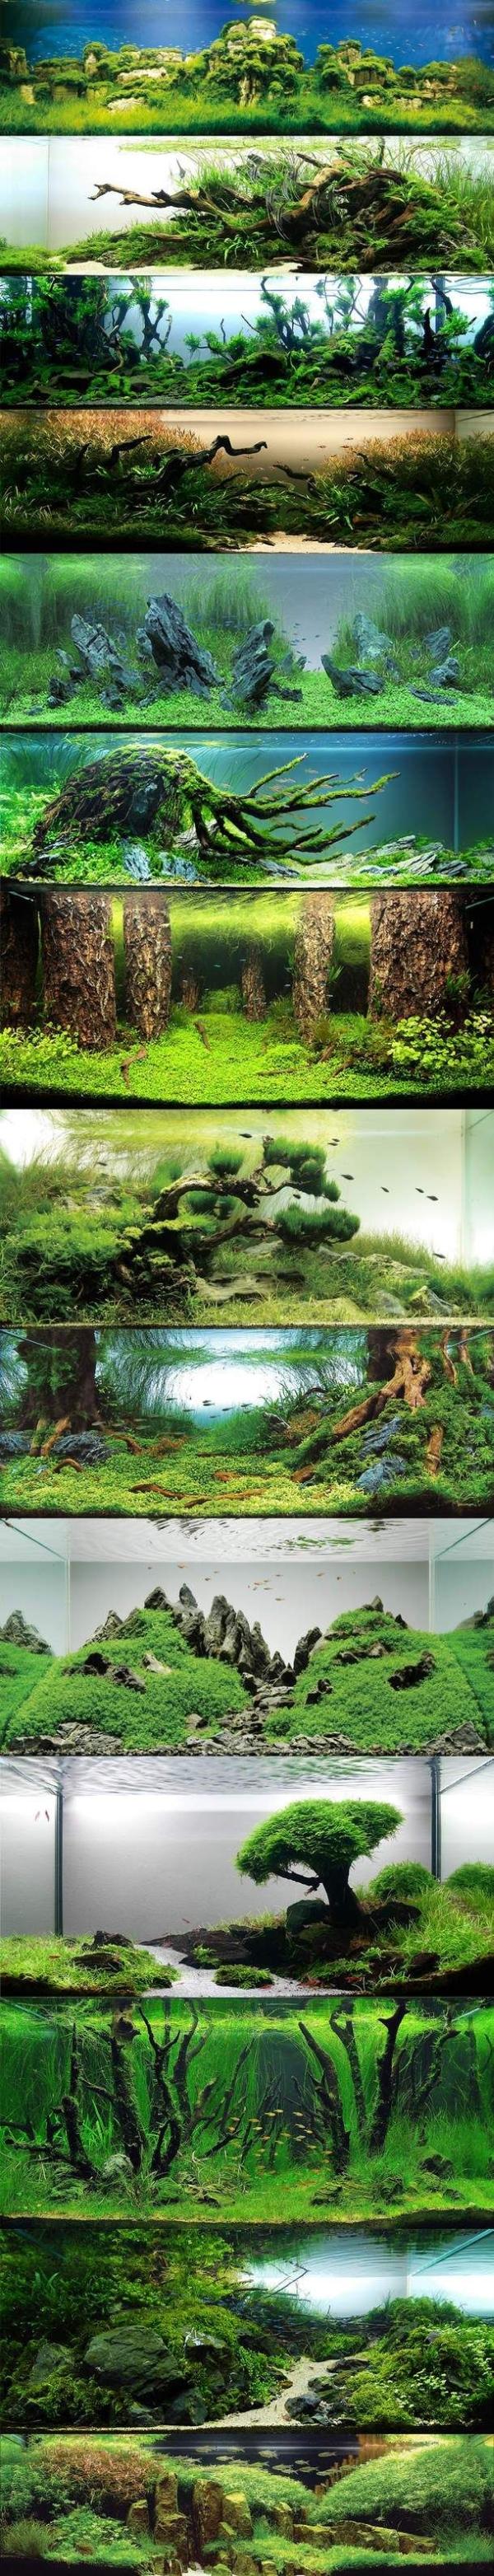 akwarium-we-wnetrzu-pomysly-design-jak-zalozyc-piekne-nowoczesne-1a